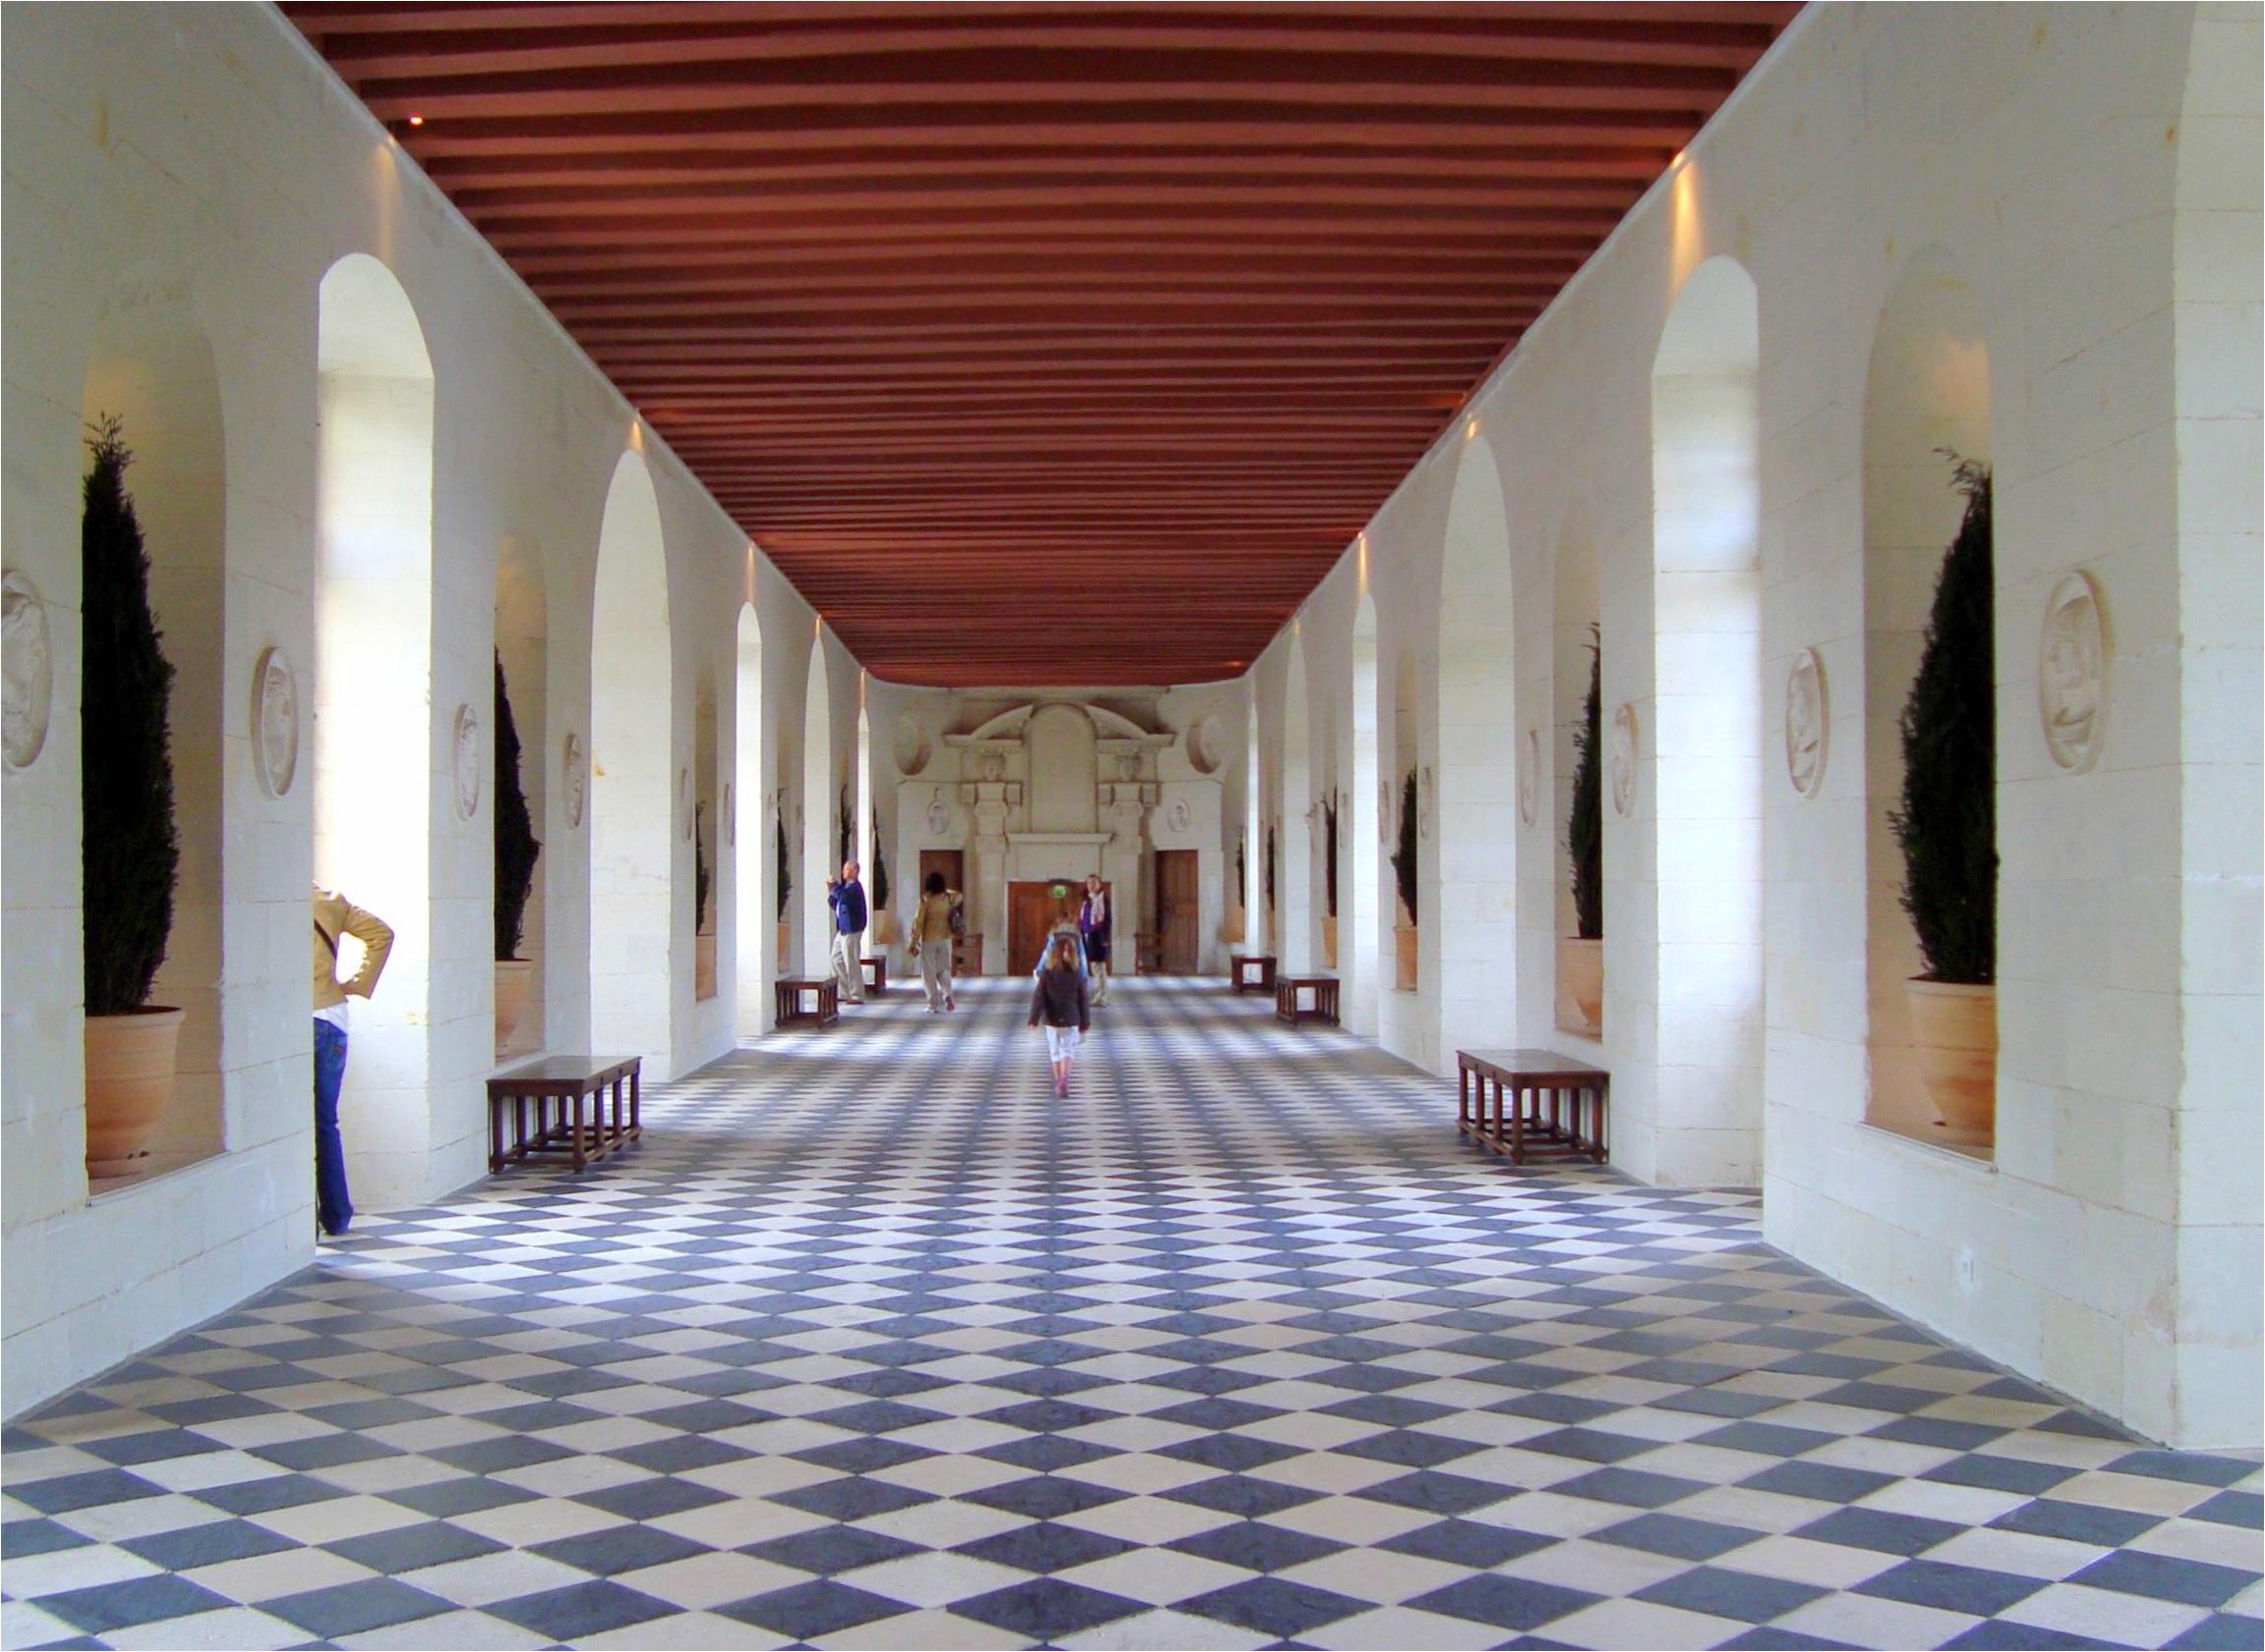 Château Chenonceau Loire Valley France | Antonio Ramblés travels